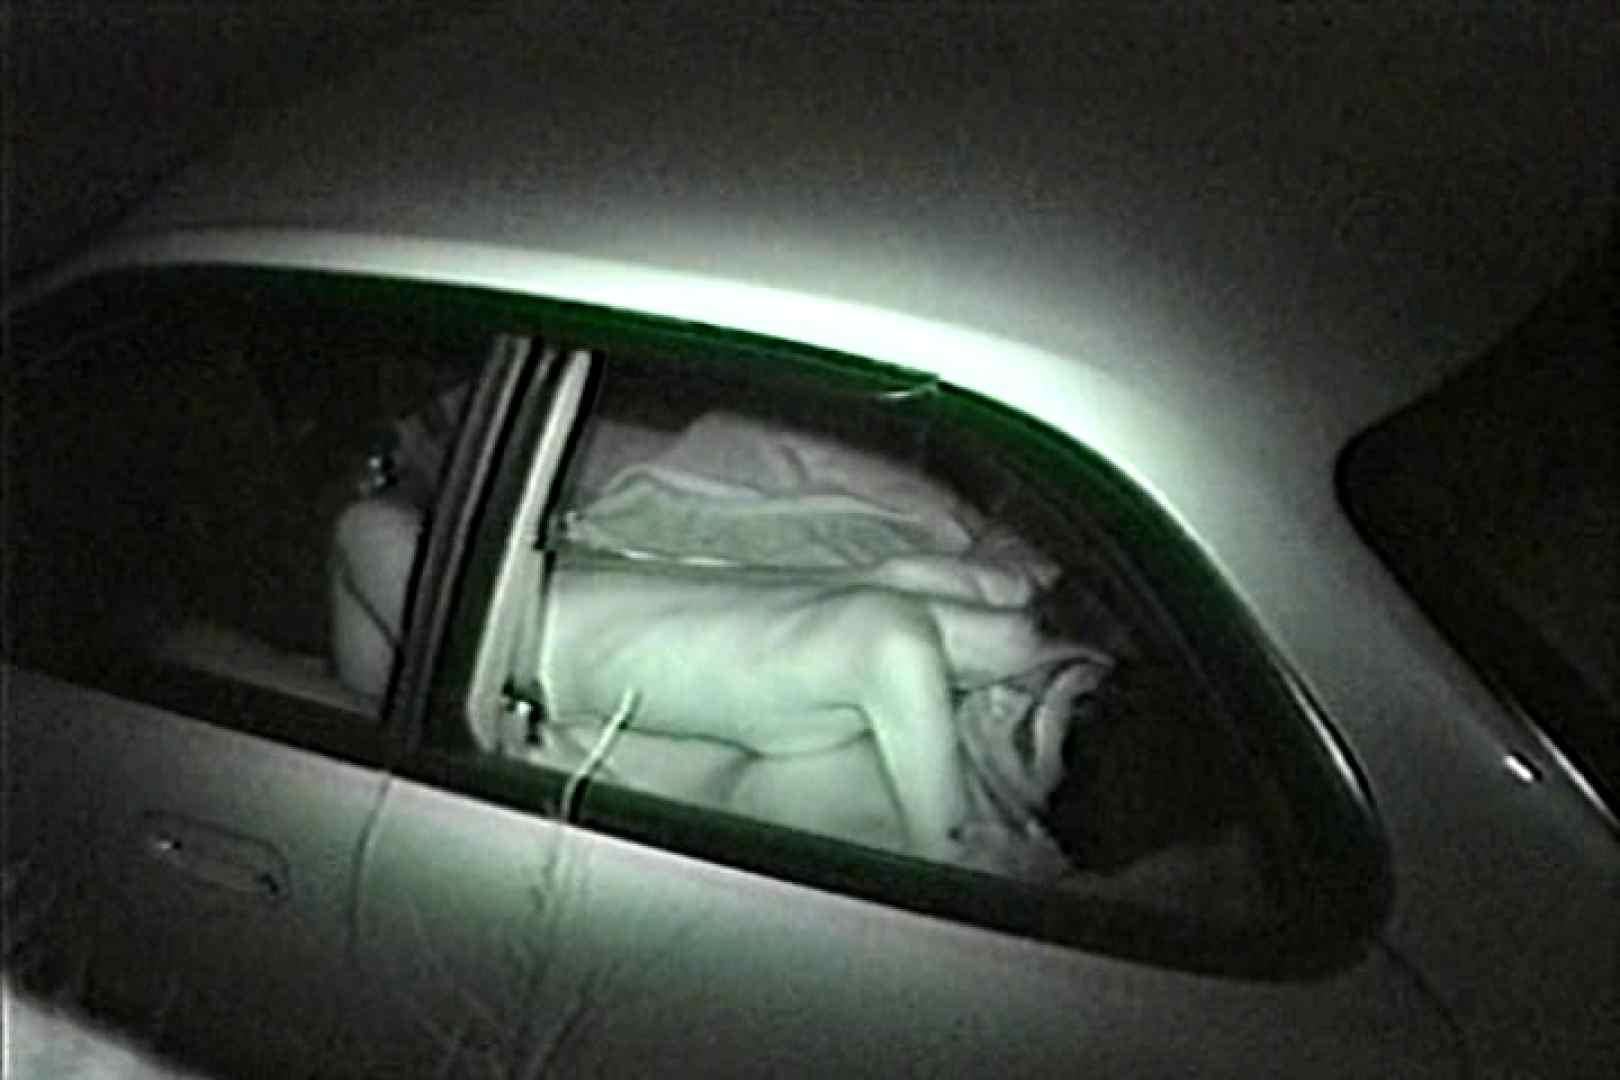 車の中はラブホテル 無修正版  Vol.7 接写 隠し撮りセックス画像 81画像 2